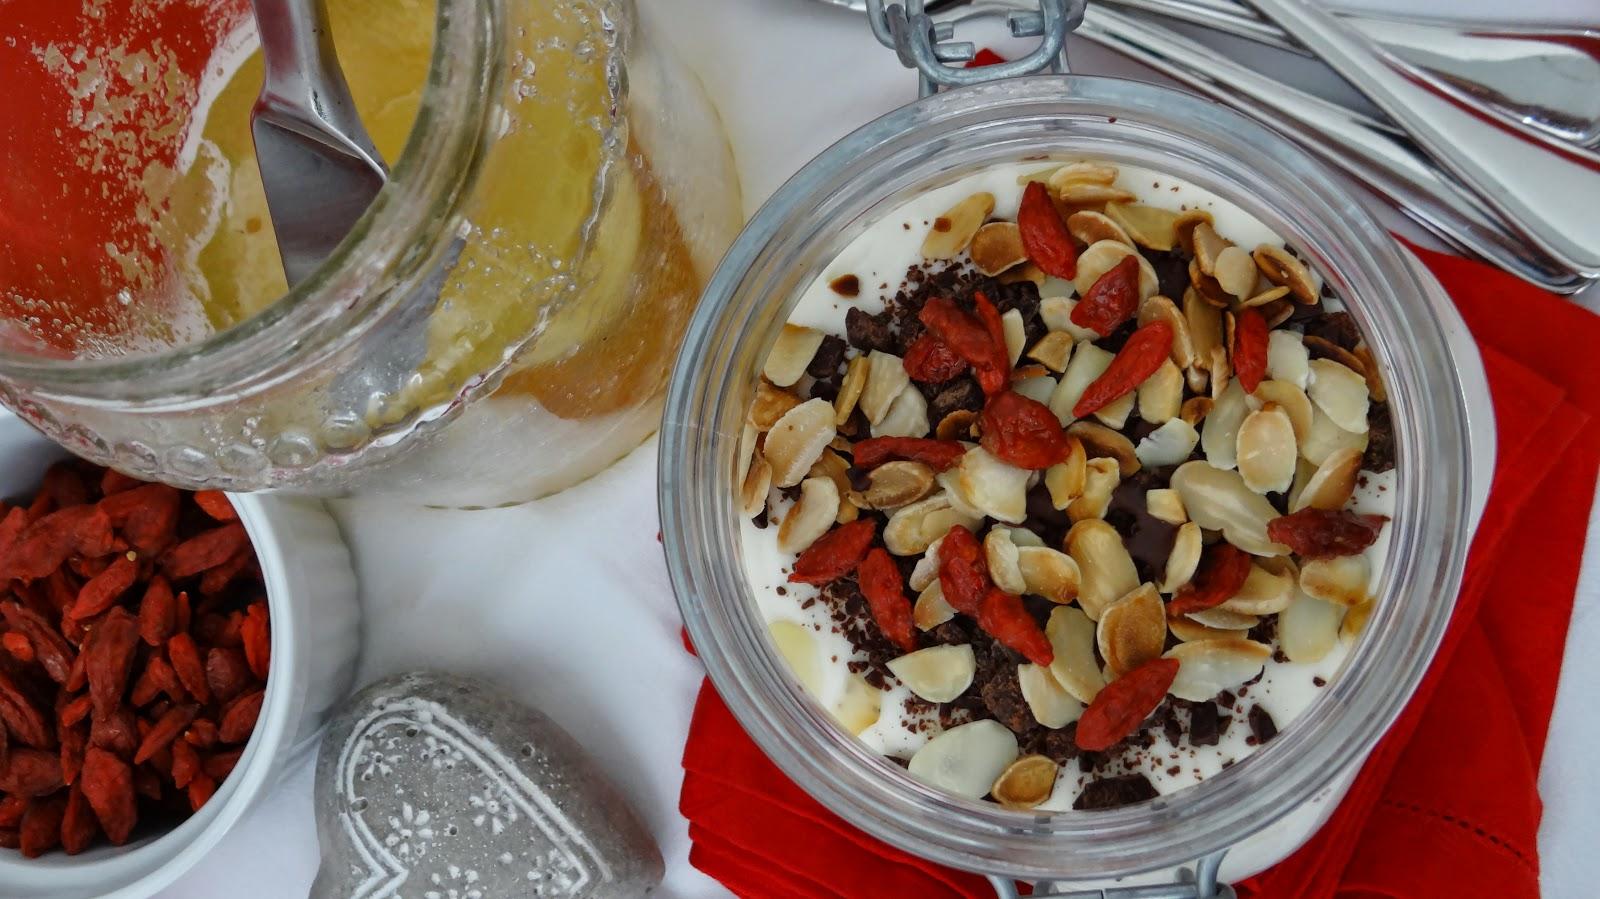 blog , matrimonio , matrimonio in cucina, cucina, recipe, cake, cheesecake